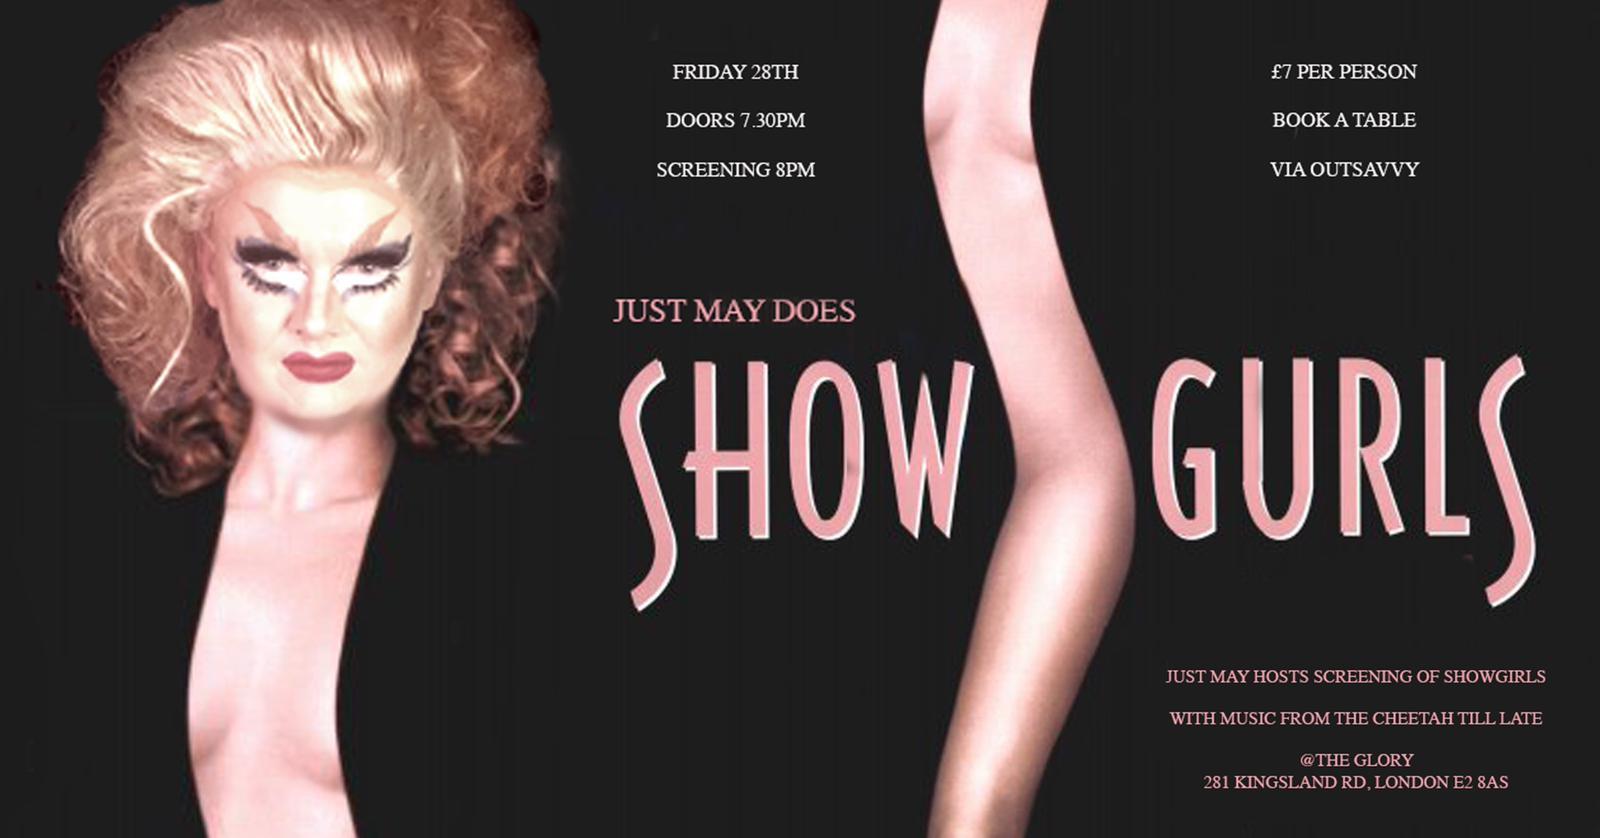 Just May presents Showgurls